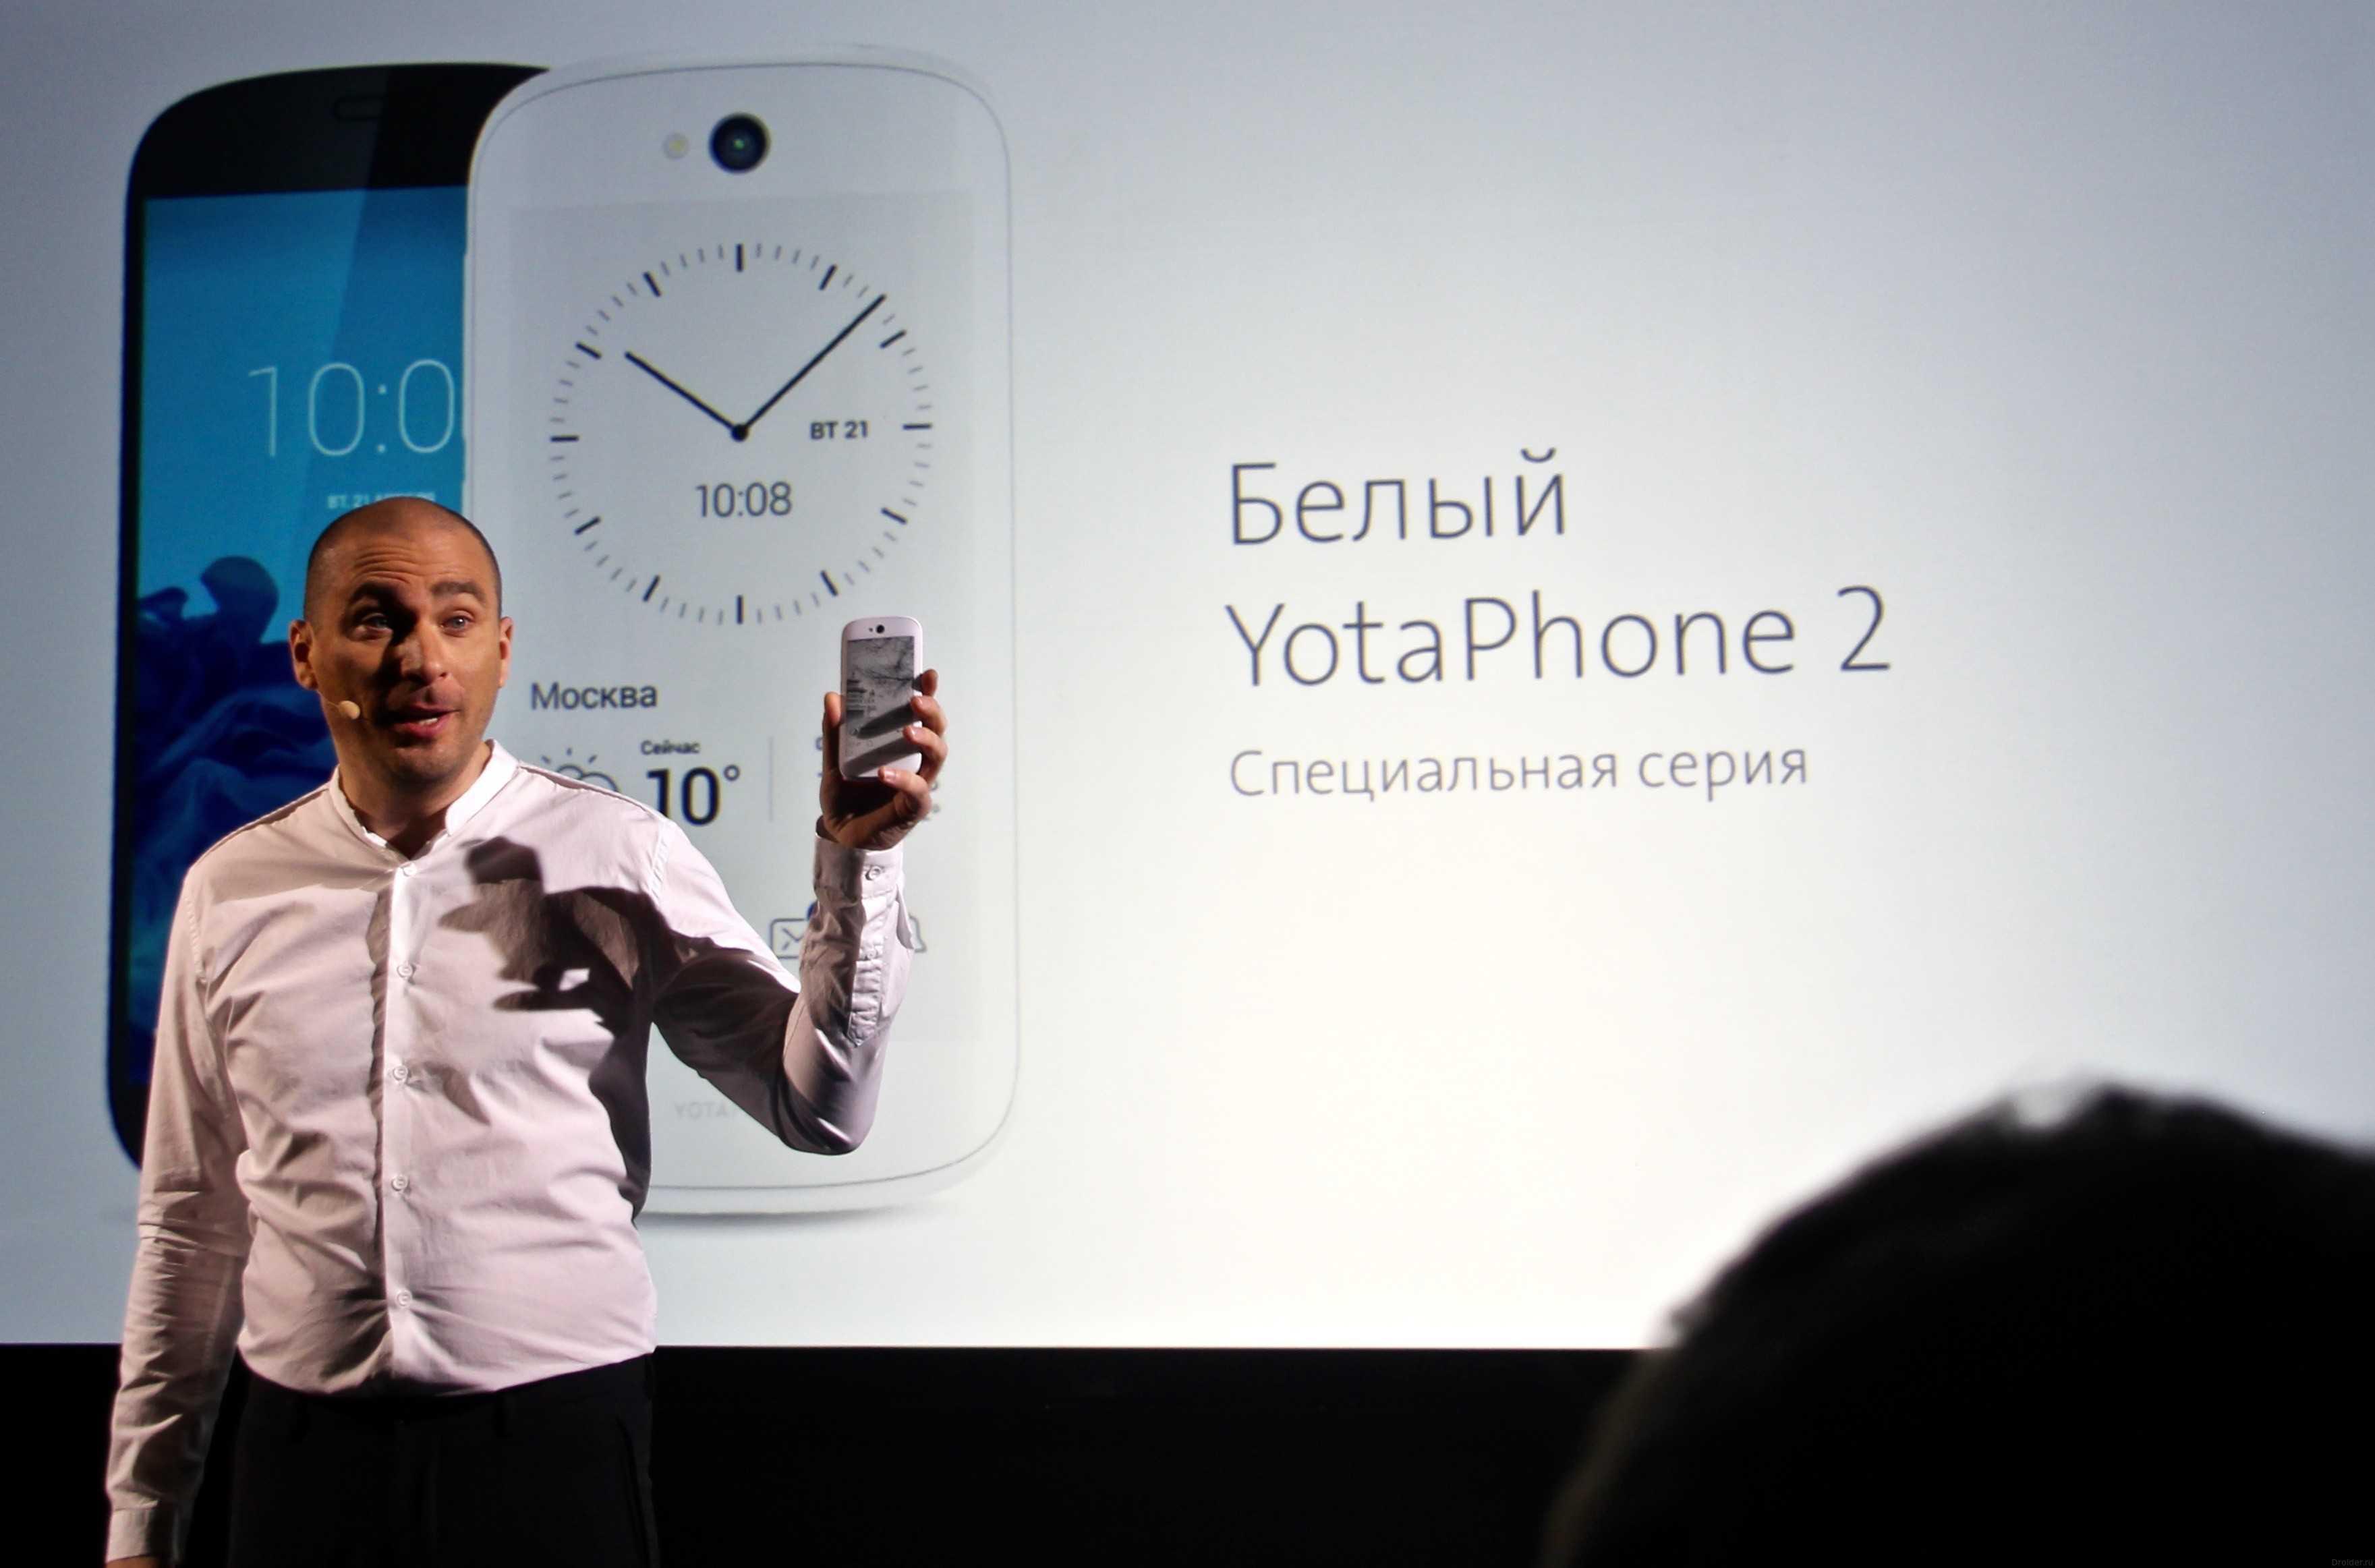 «ростех» готовится продать производителя yotaphone полностью - cnews